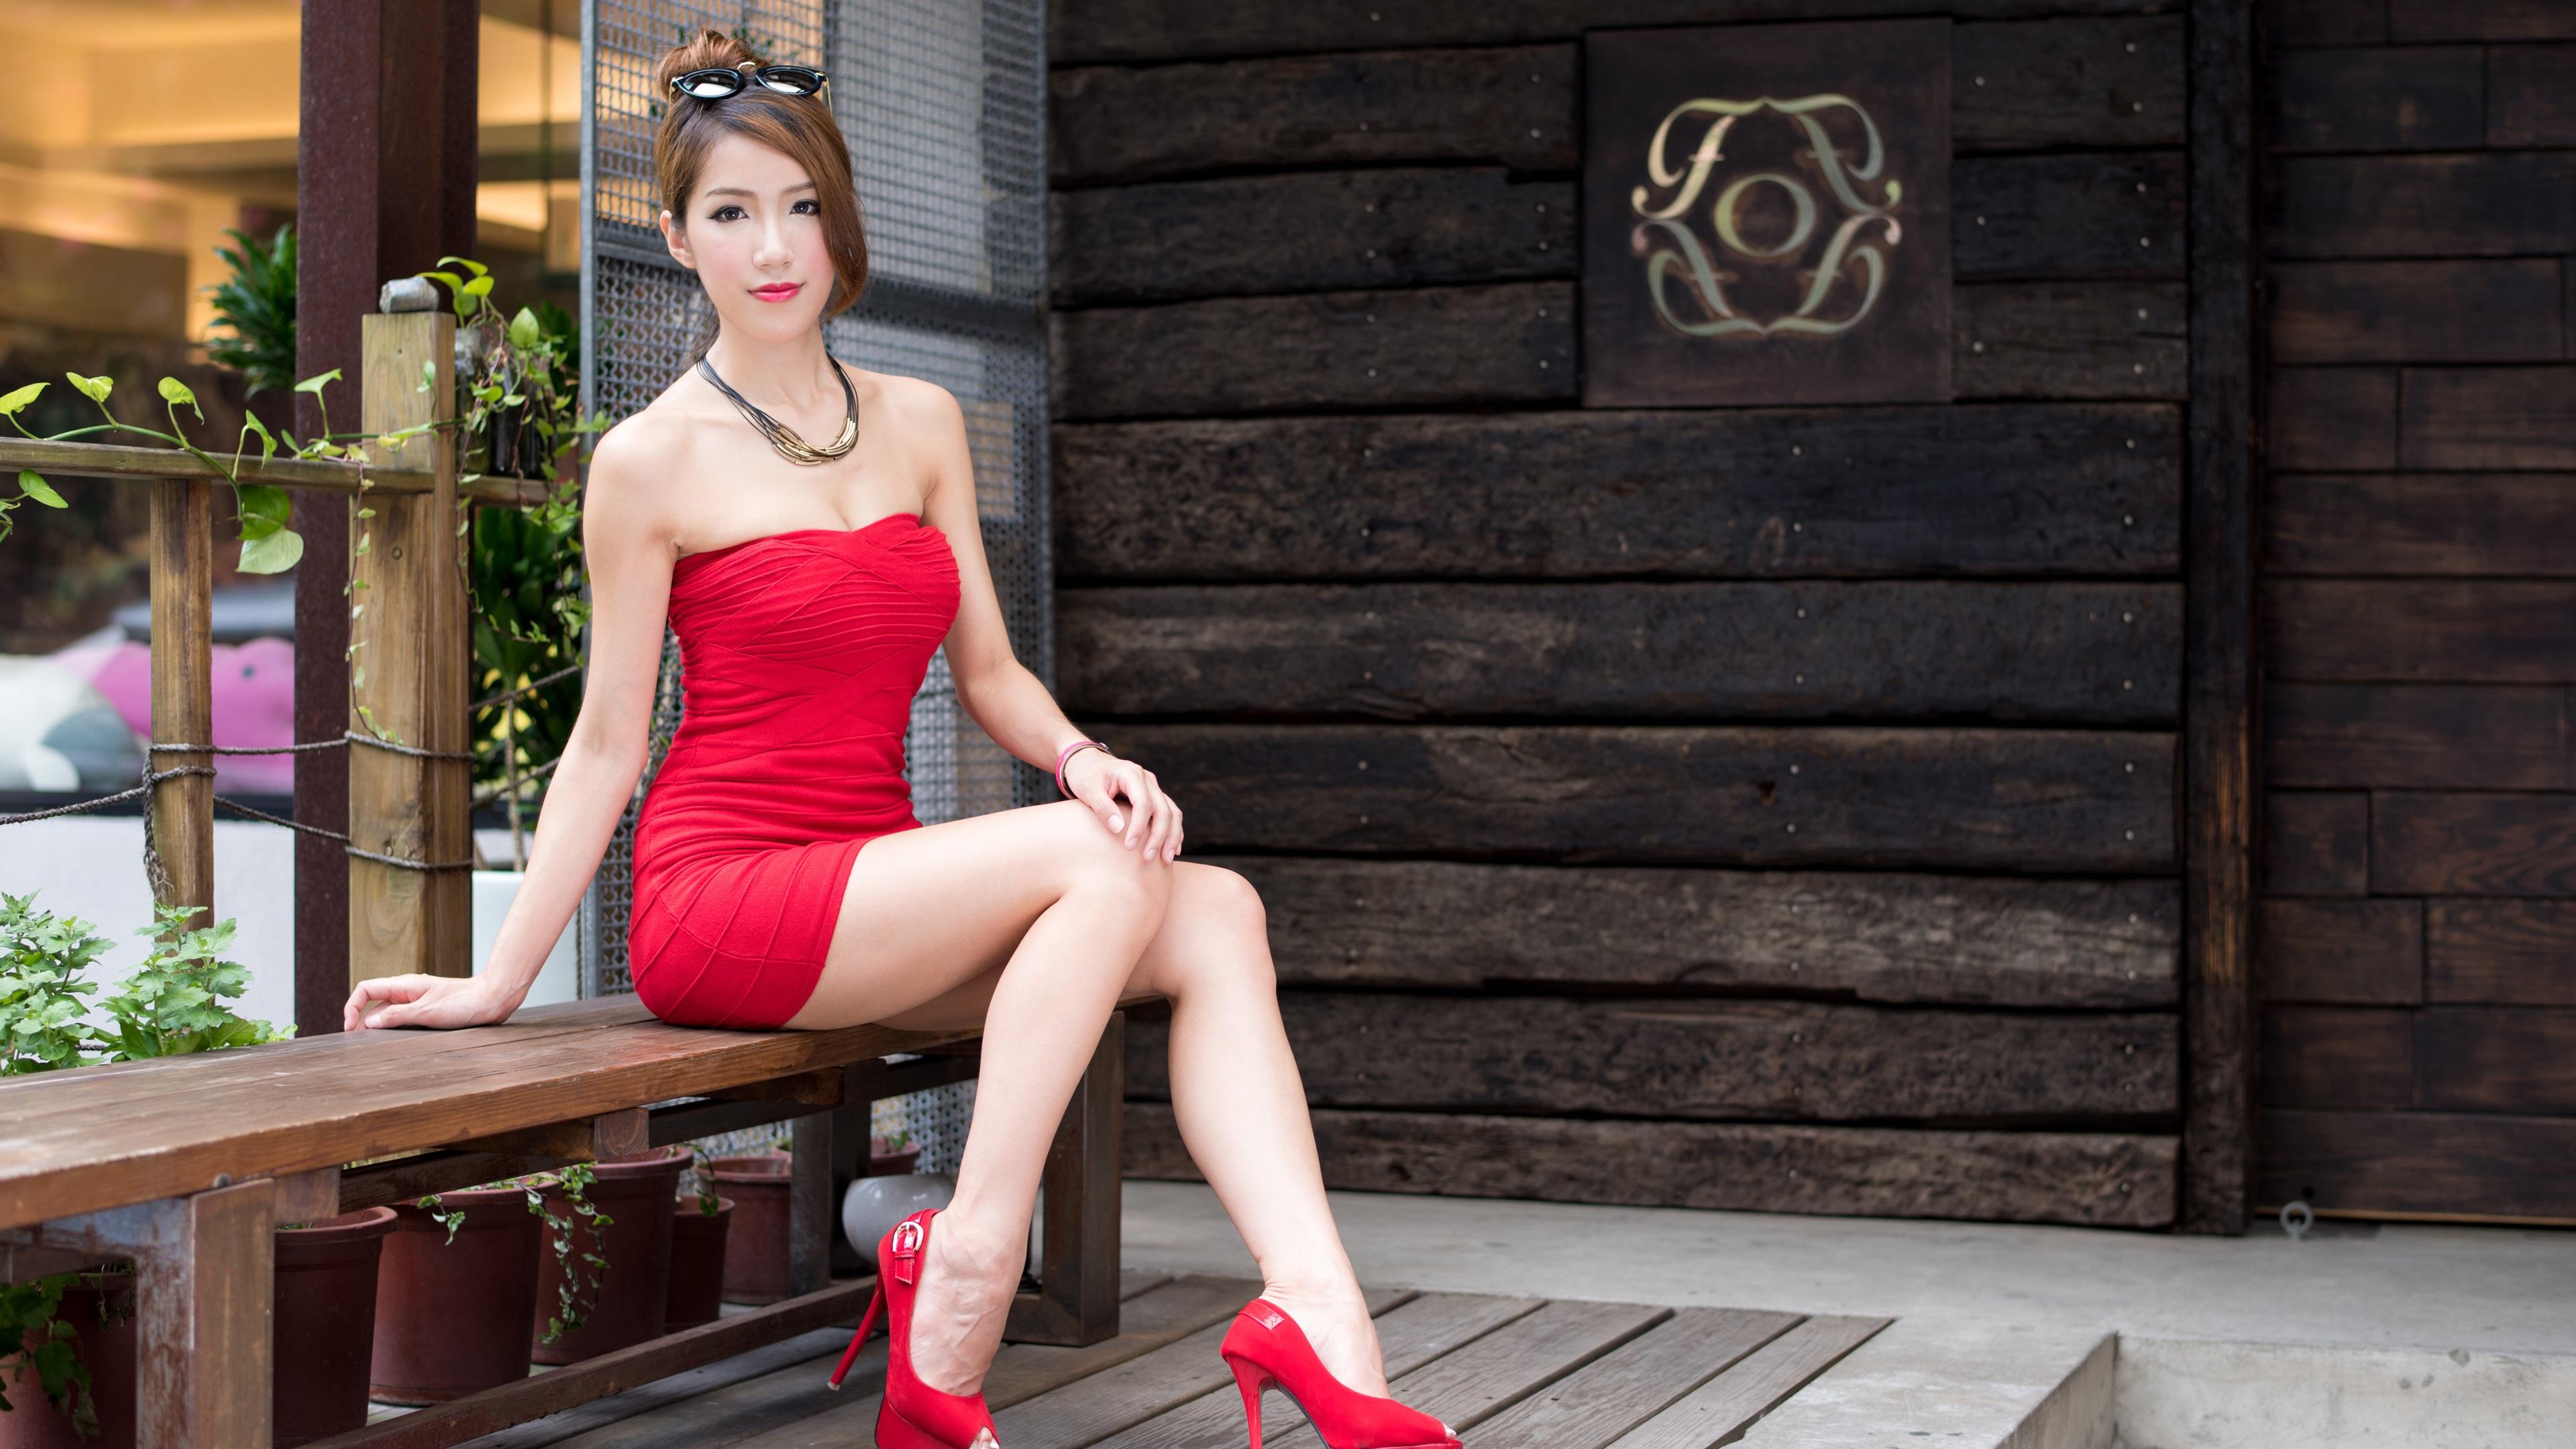 fonds d 39 cran sexy robe rouge fille asiatique longues jambes style de cheveux 3840x2160 uhd 4k. Black Bedroom Furniture Sets. Home Design Ideas